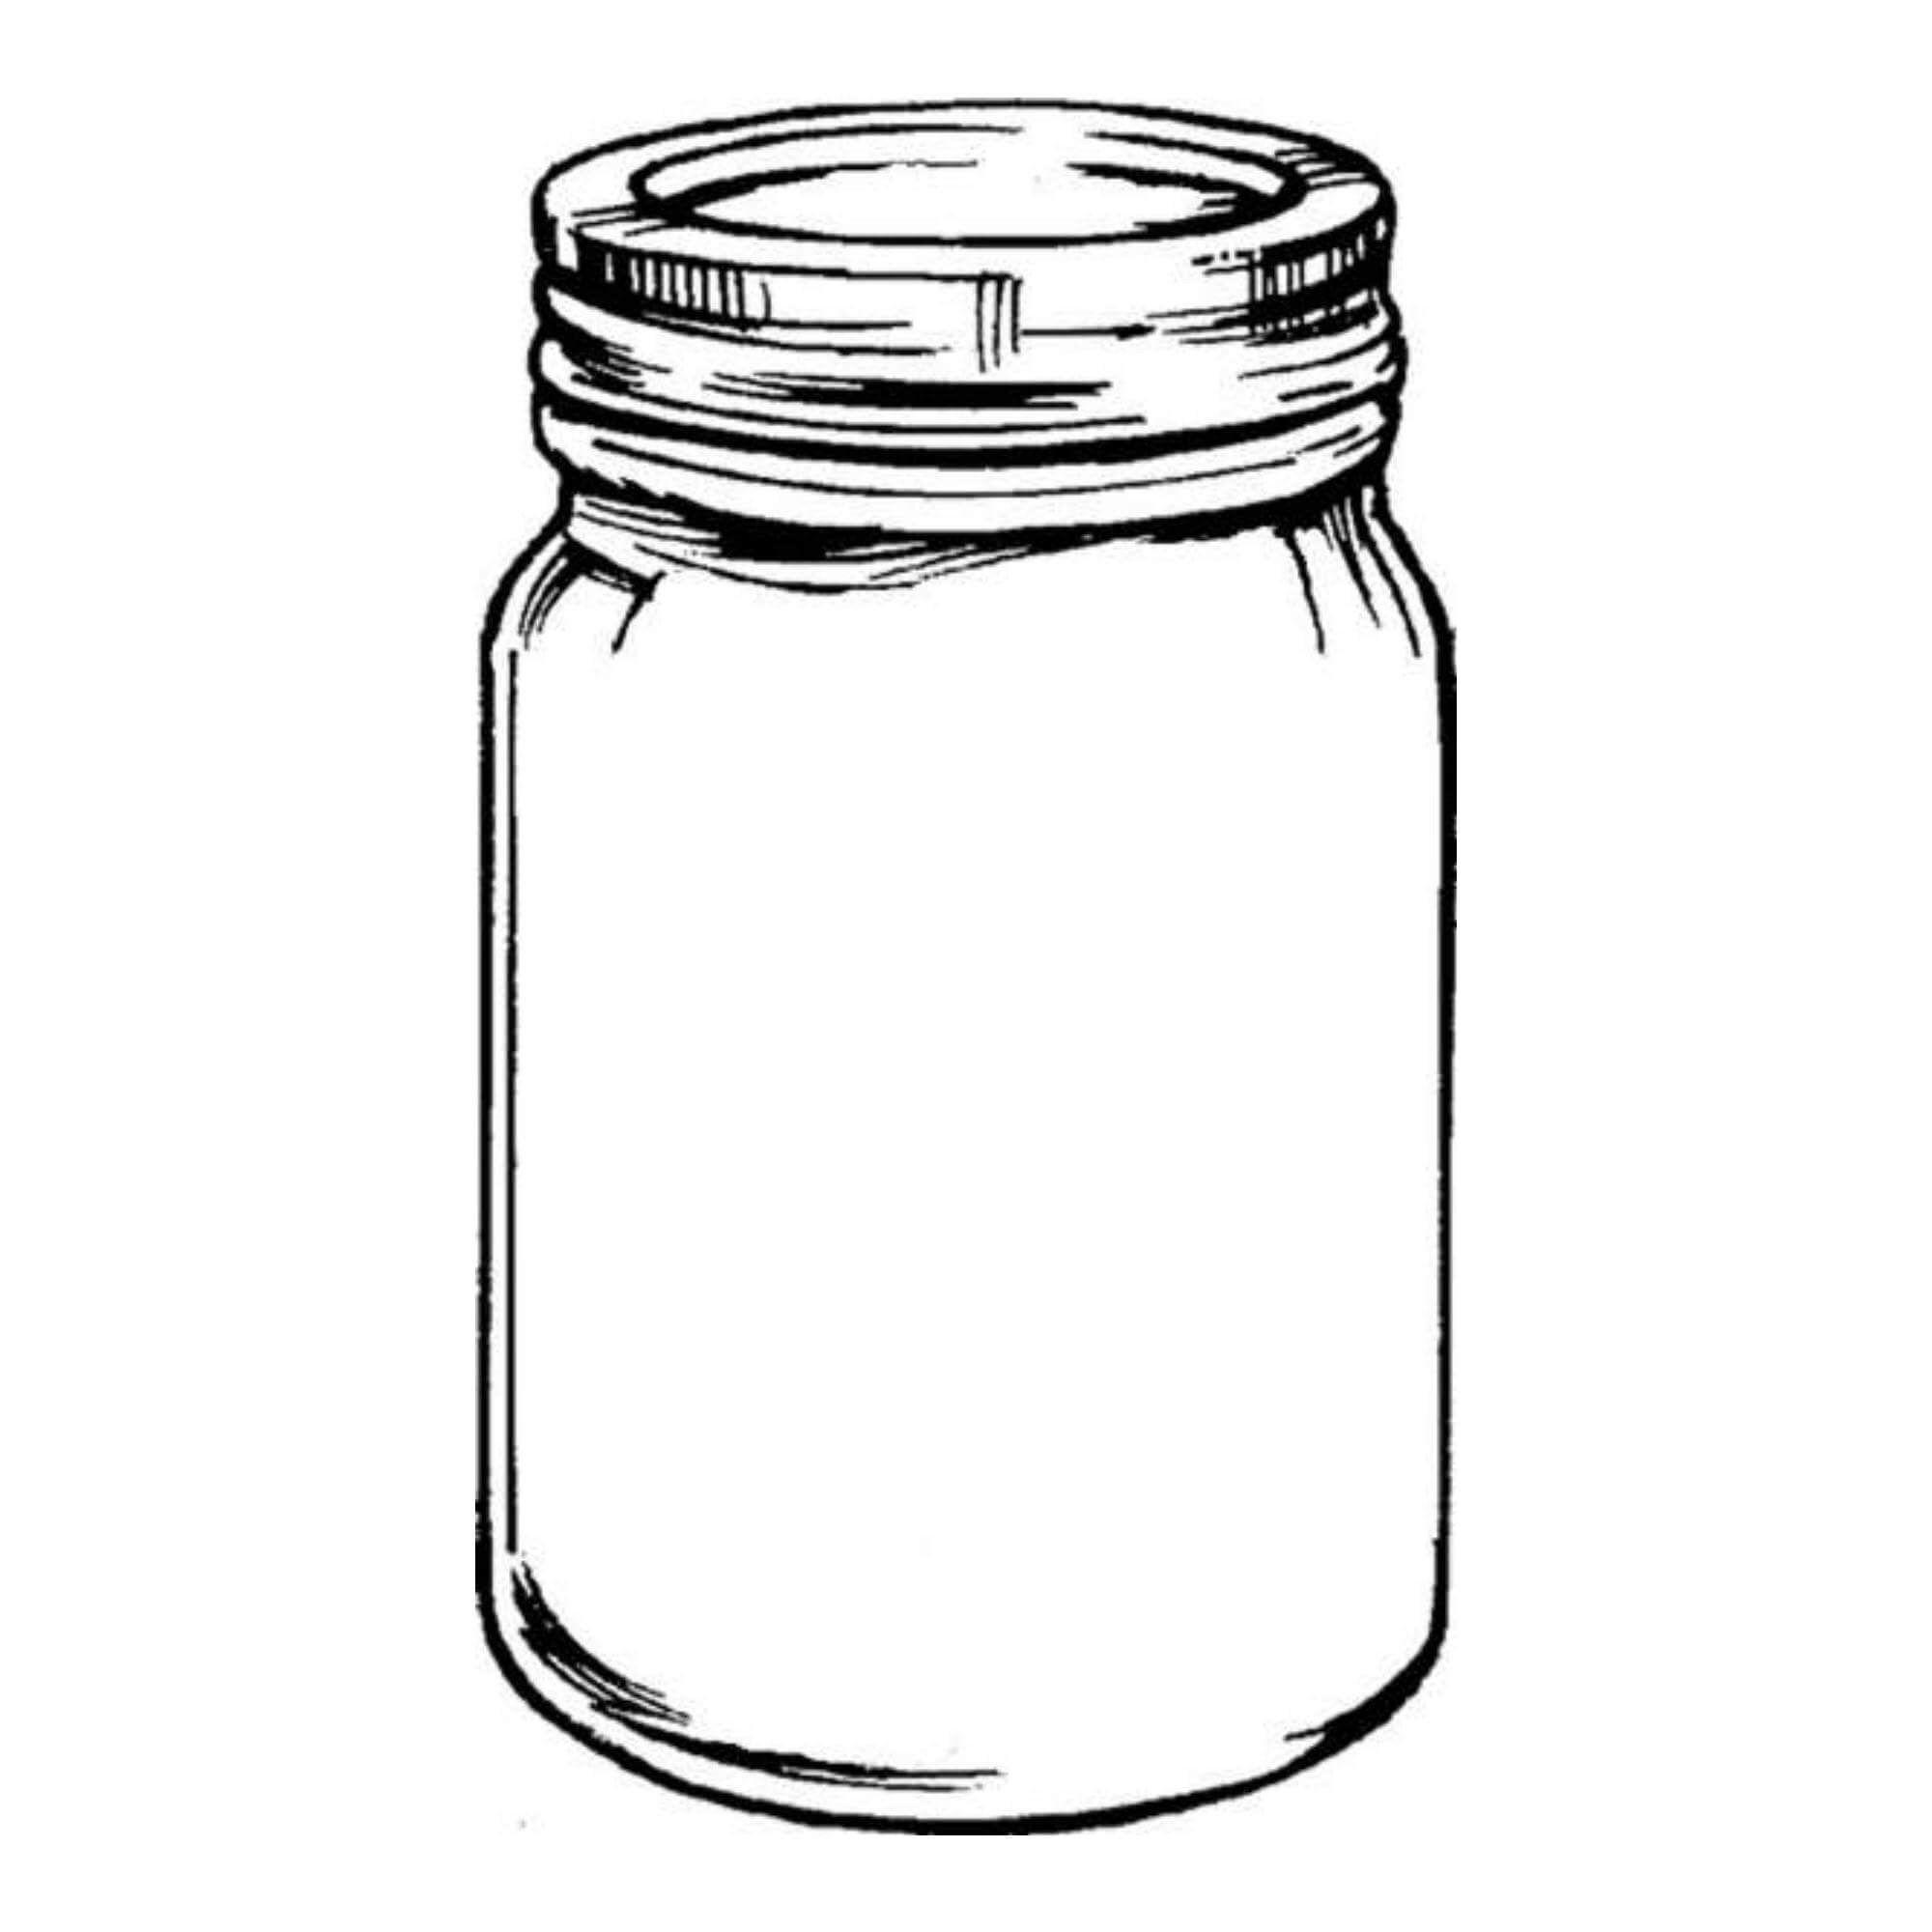 Bottle Clipart Jar Bottle Jar Transparent Free For